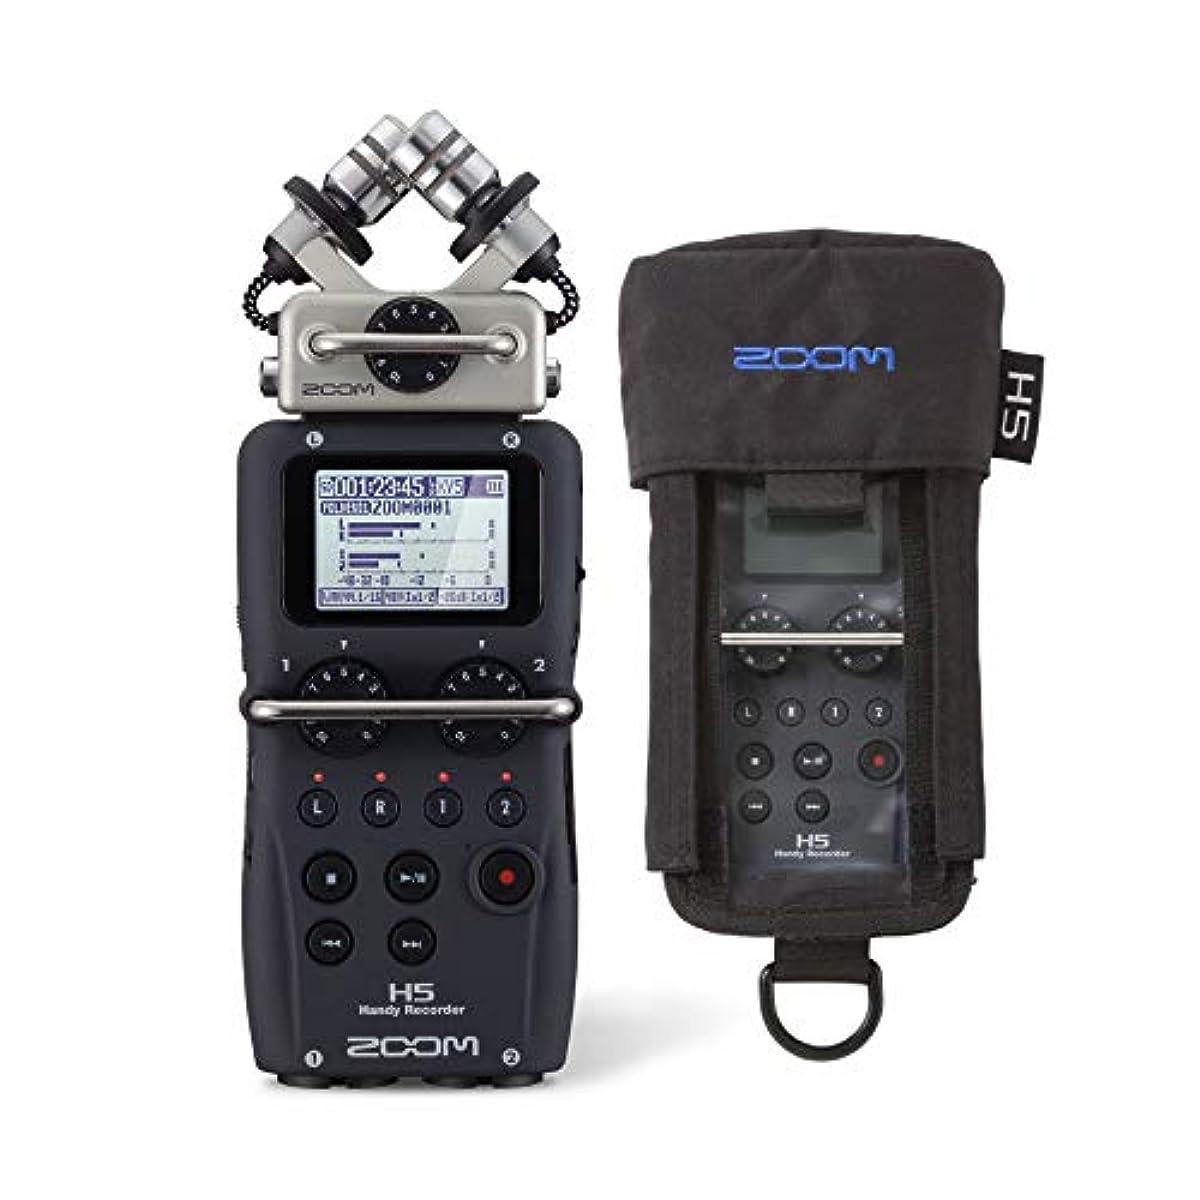 [해외] ZOOM H5 핸디 레코더 전용 프로 테크 T부케이스부착